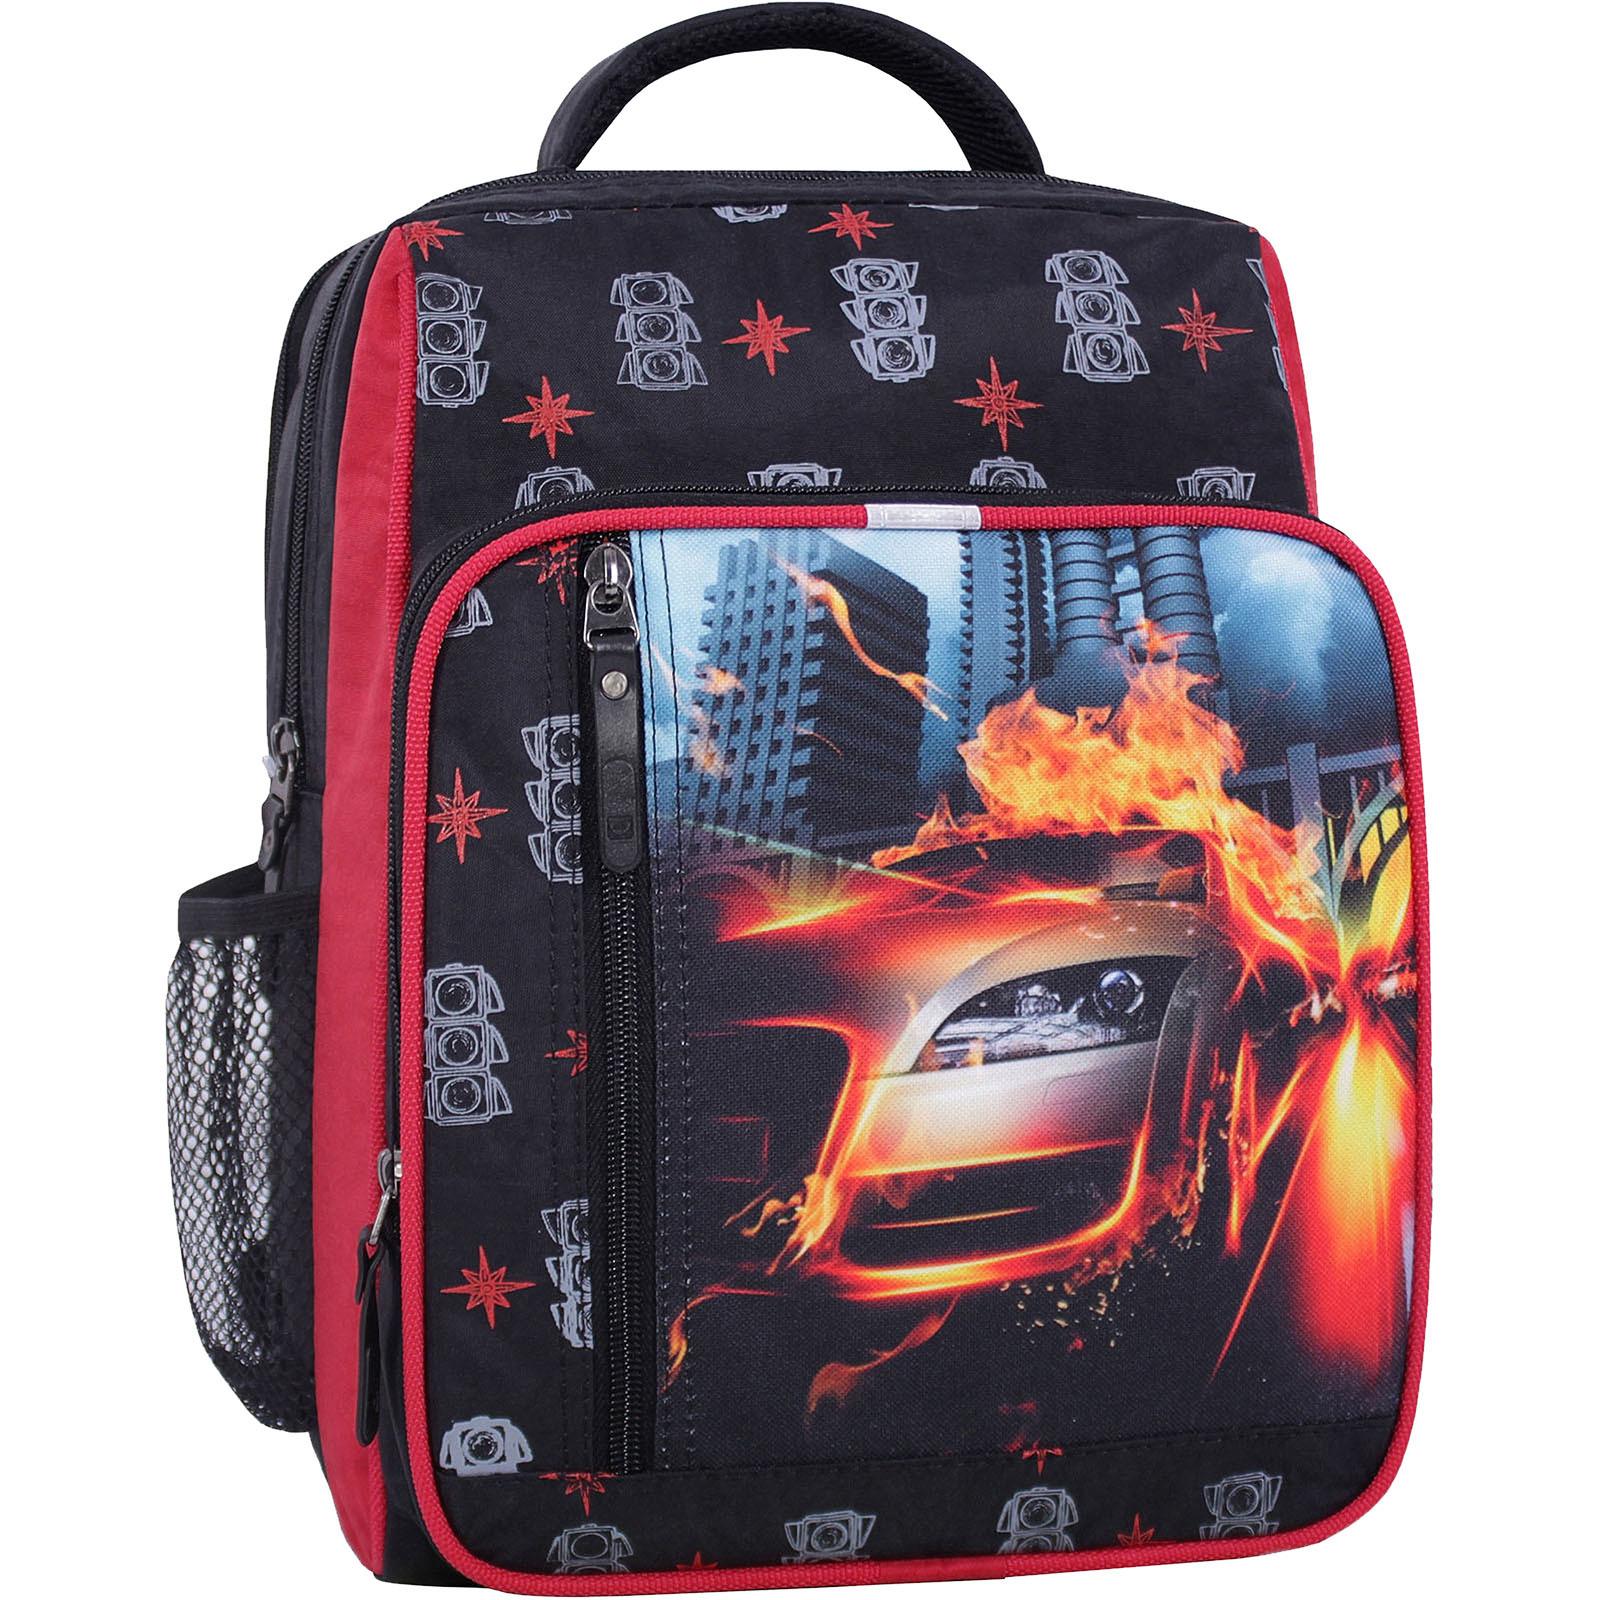 Рюкзак школьный Bagland Школьник 8 л. черный 500 (00112702) фото 1